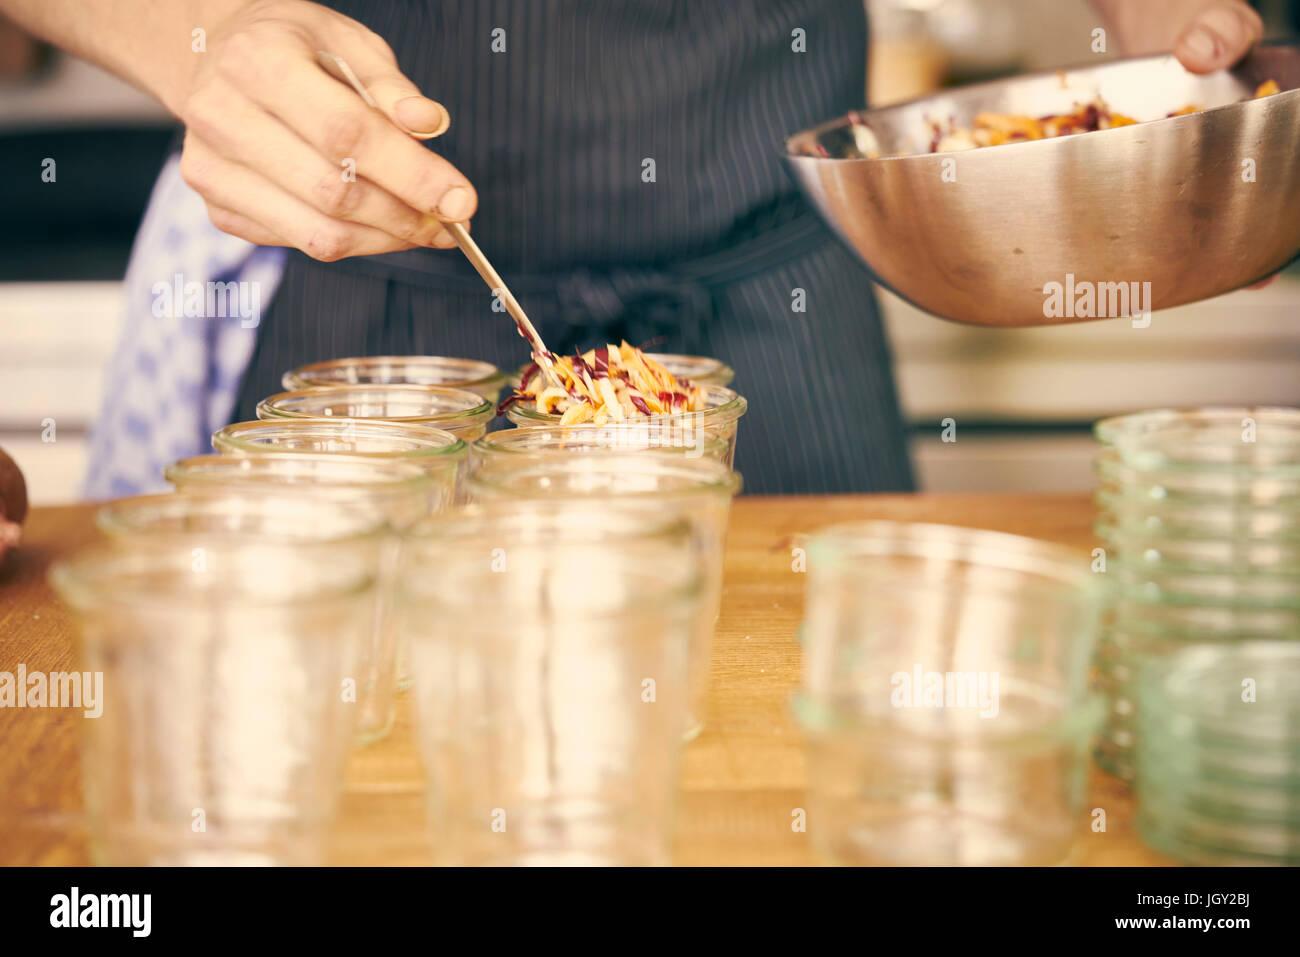 Remplissage des récipients en plastique avec Chef de portions de nourriture Photo Stock